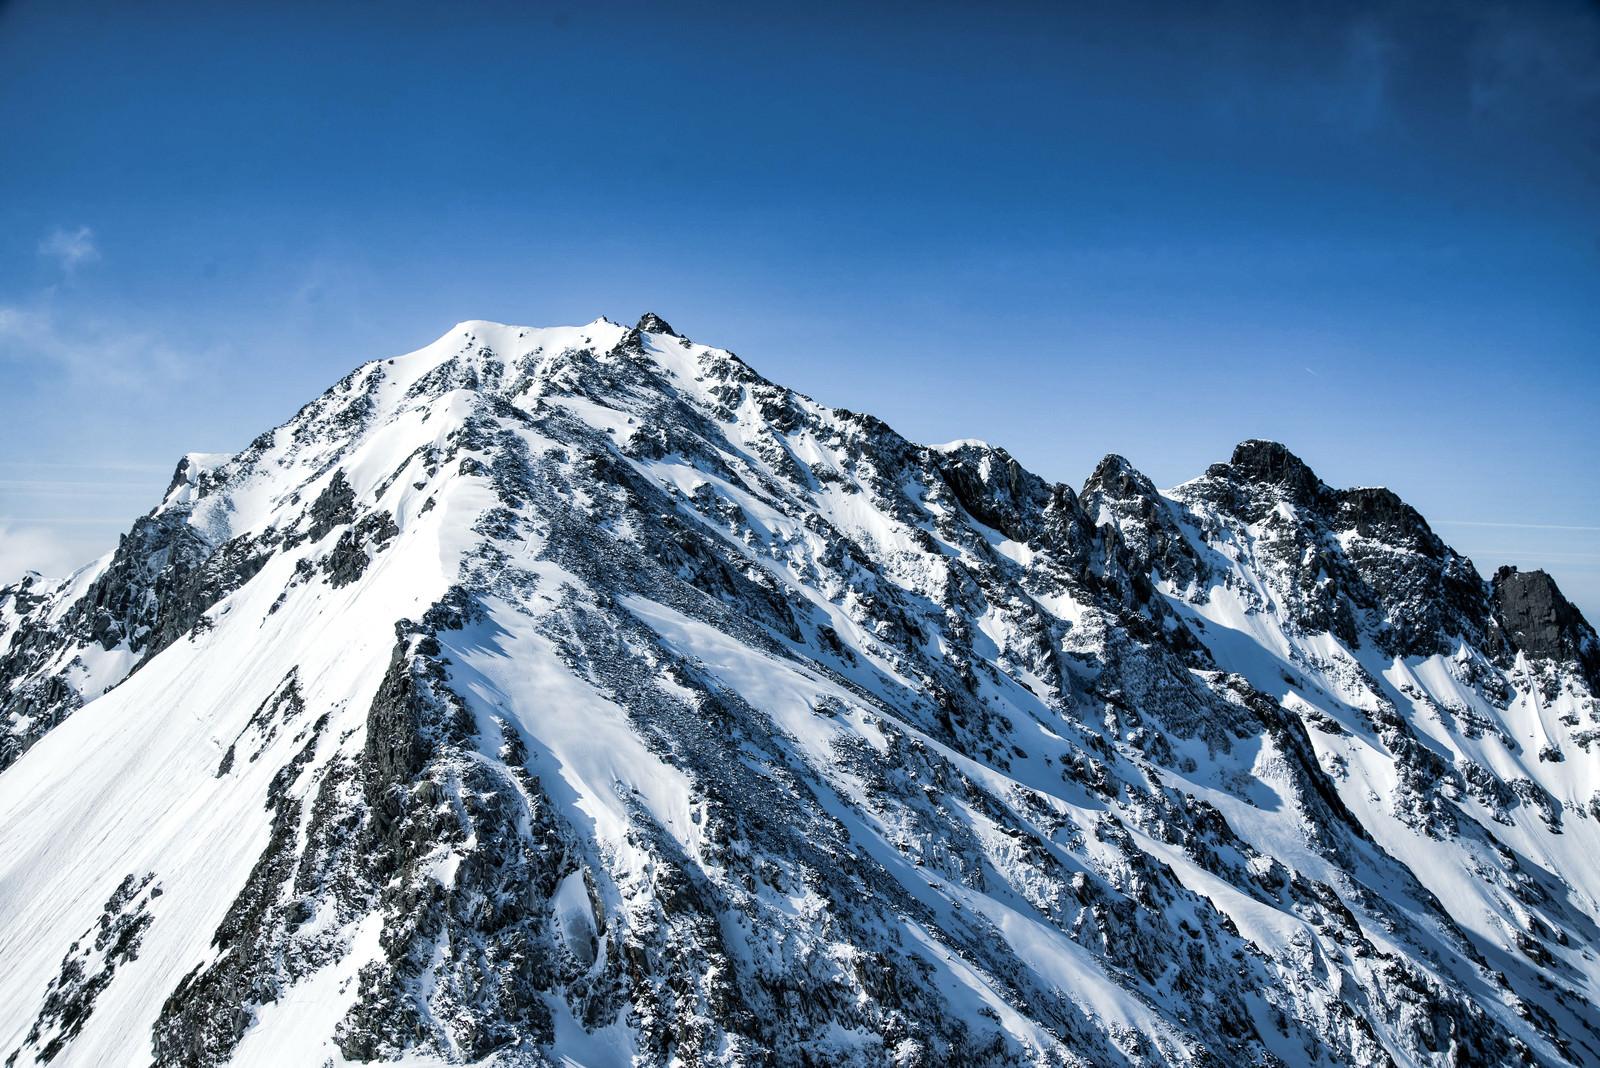 「奥穂高岳への道のりとジャンダルム(飛騨山脈)」の写真